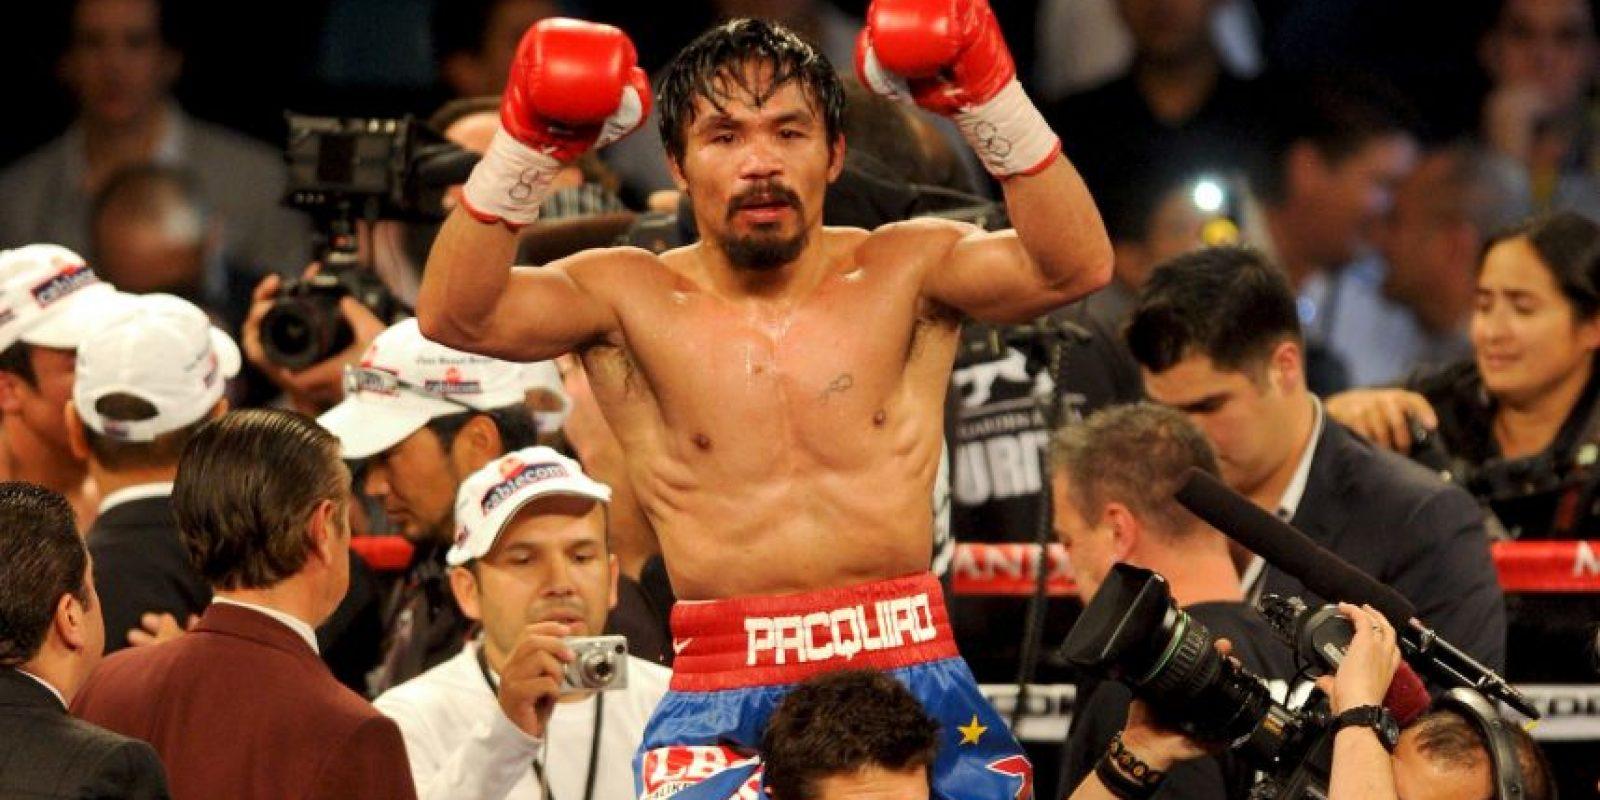 Este 17 de diciembre cumple 36 años el boxeador filipino Foto:Getty